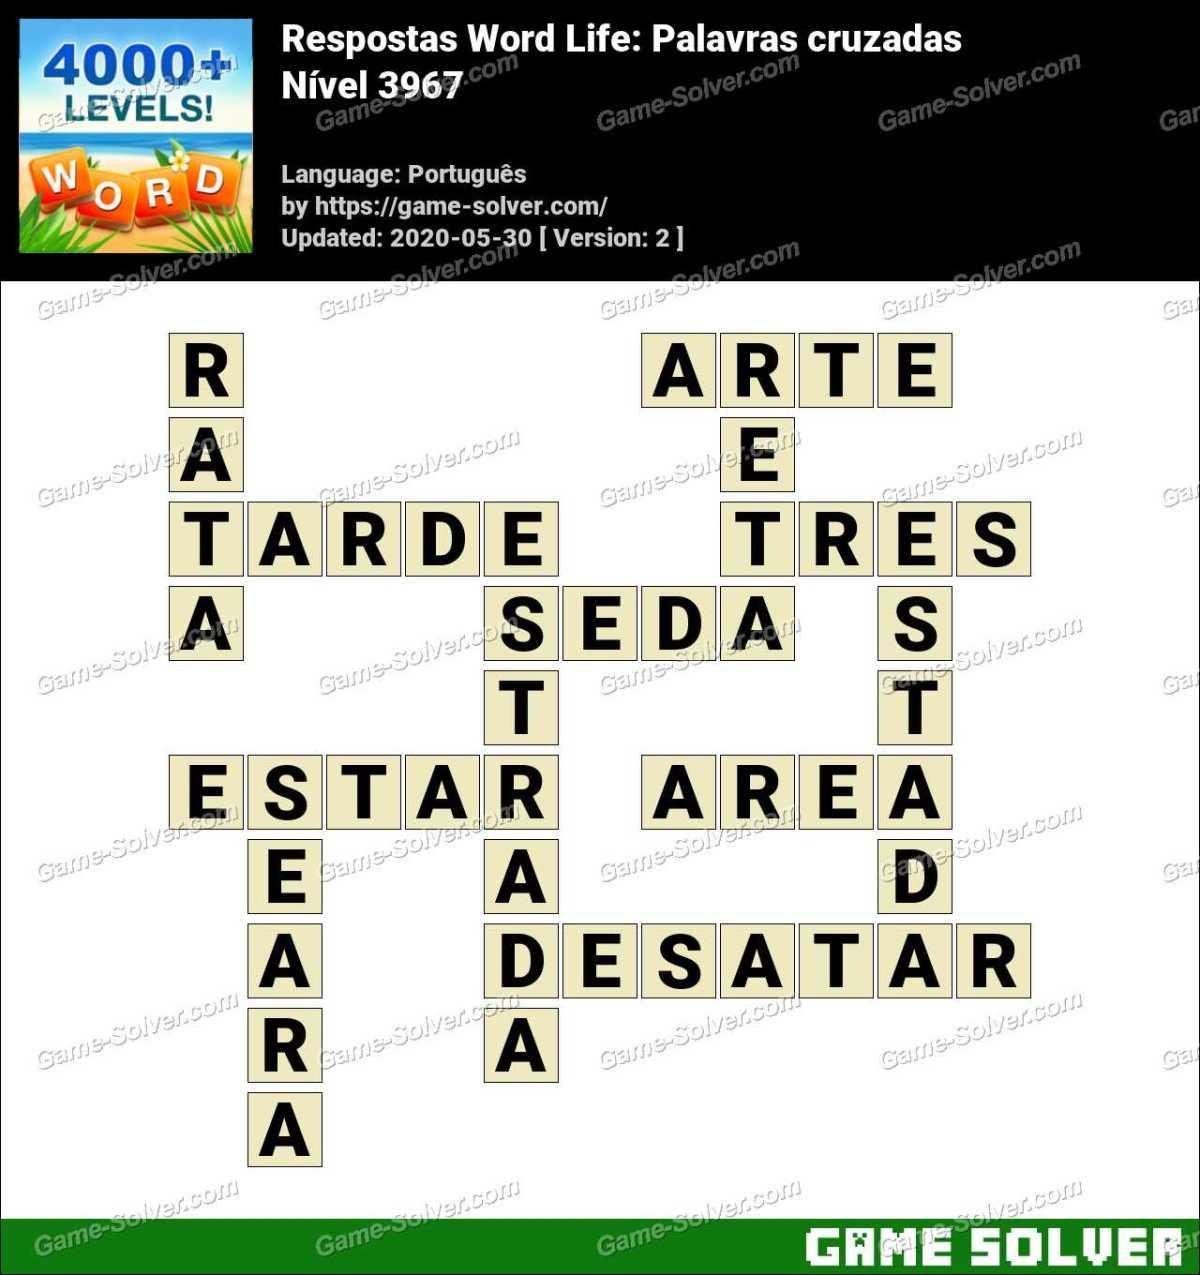 Respostas Word Life Nível 3967